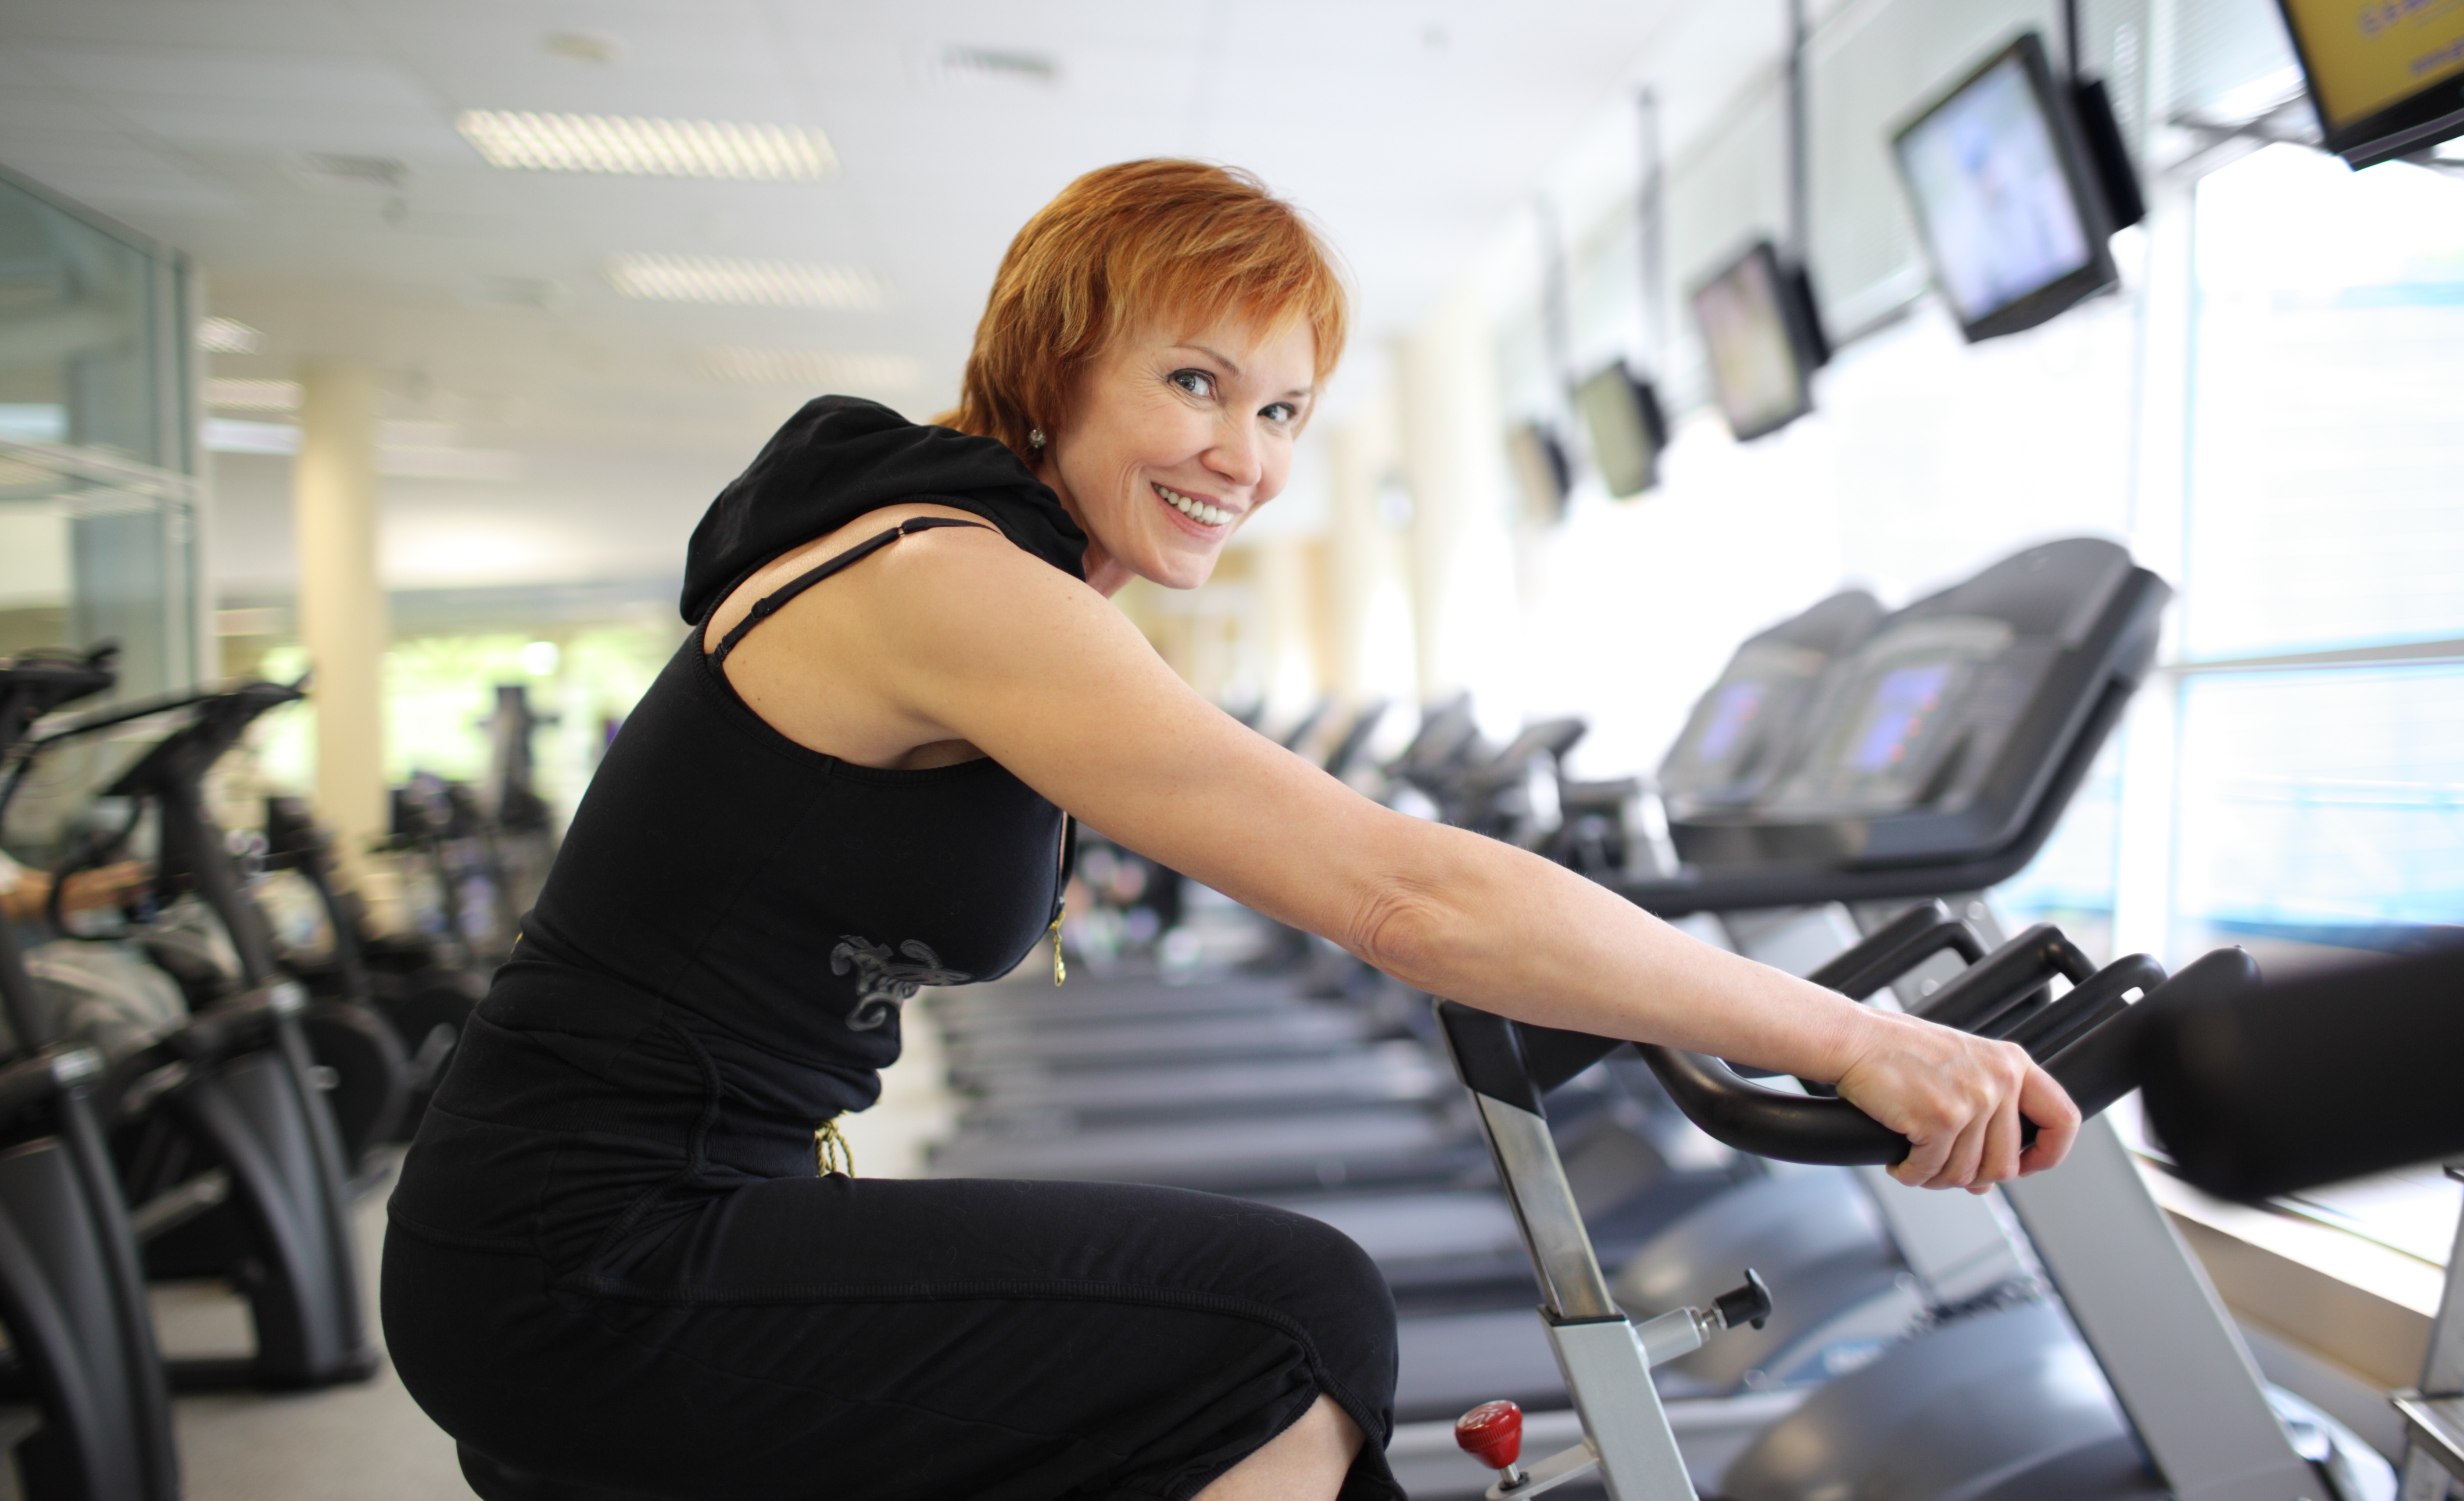 Benefits of Recumbent Bikes for Seniors